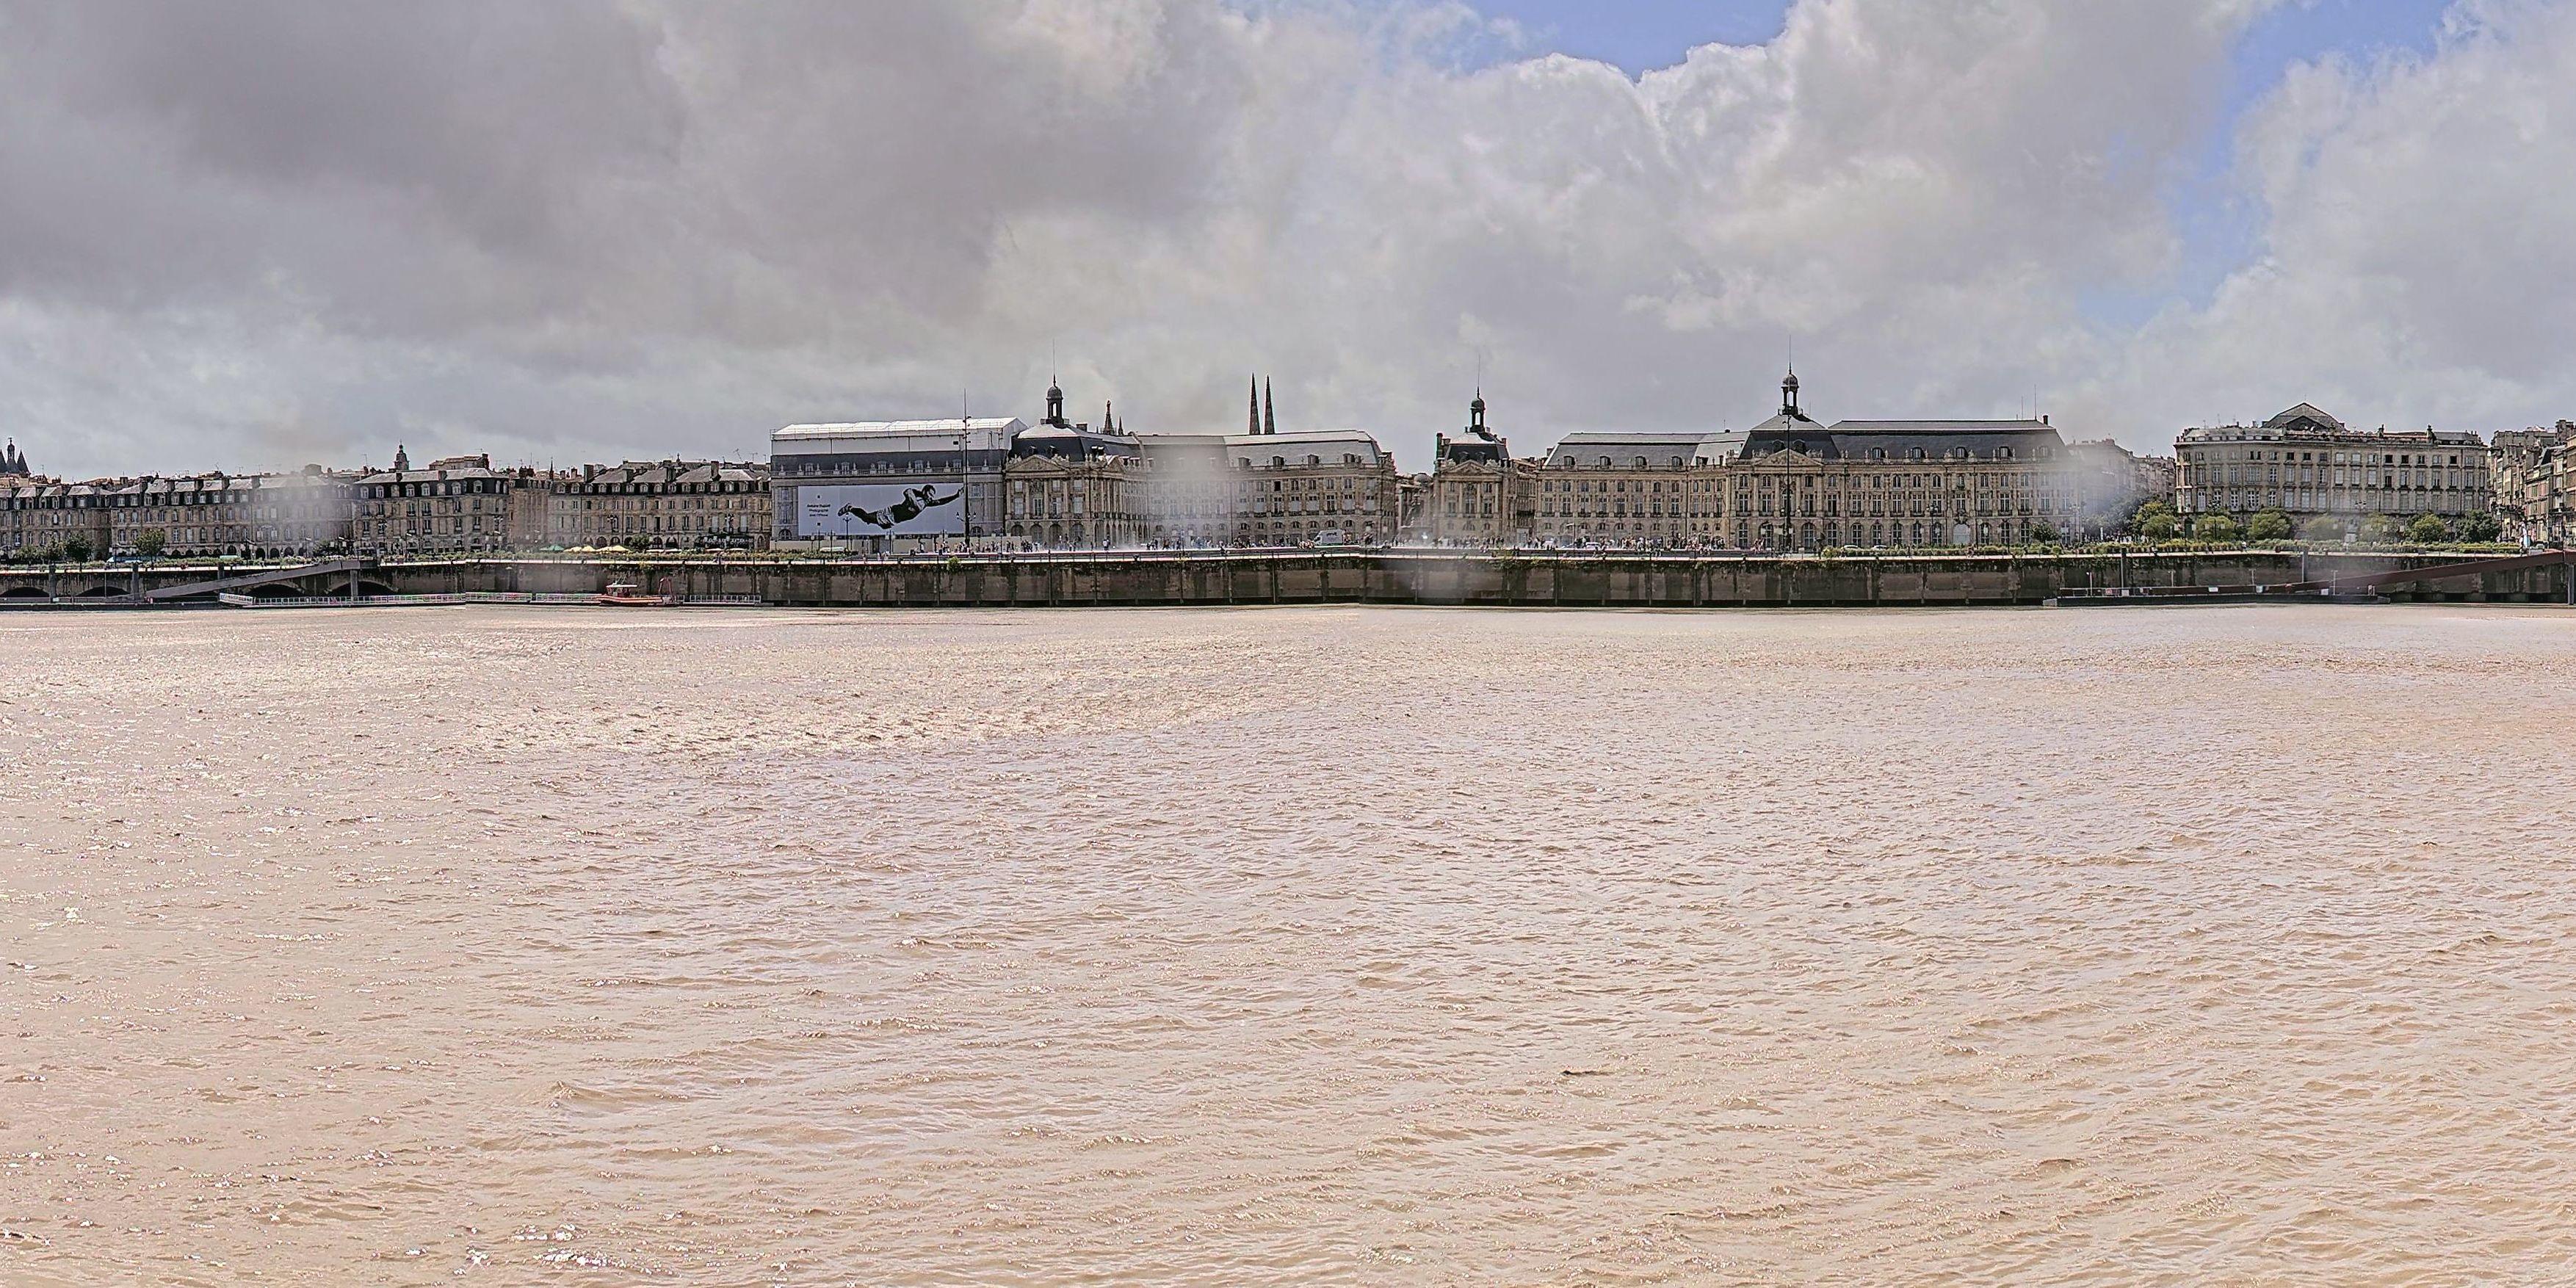 Bordeaux Thu. 16:06